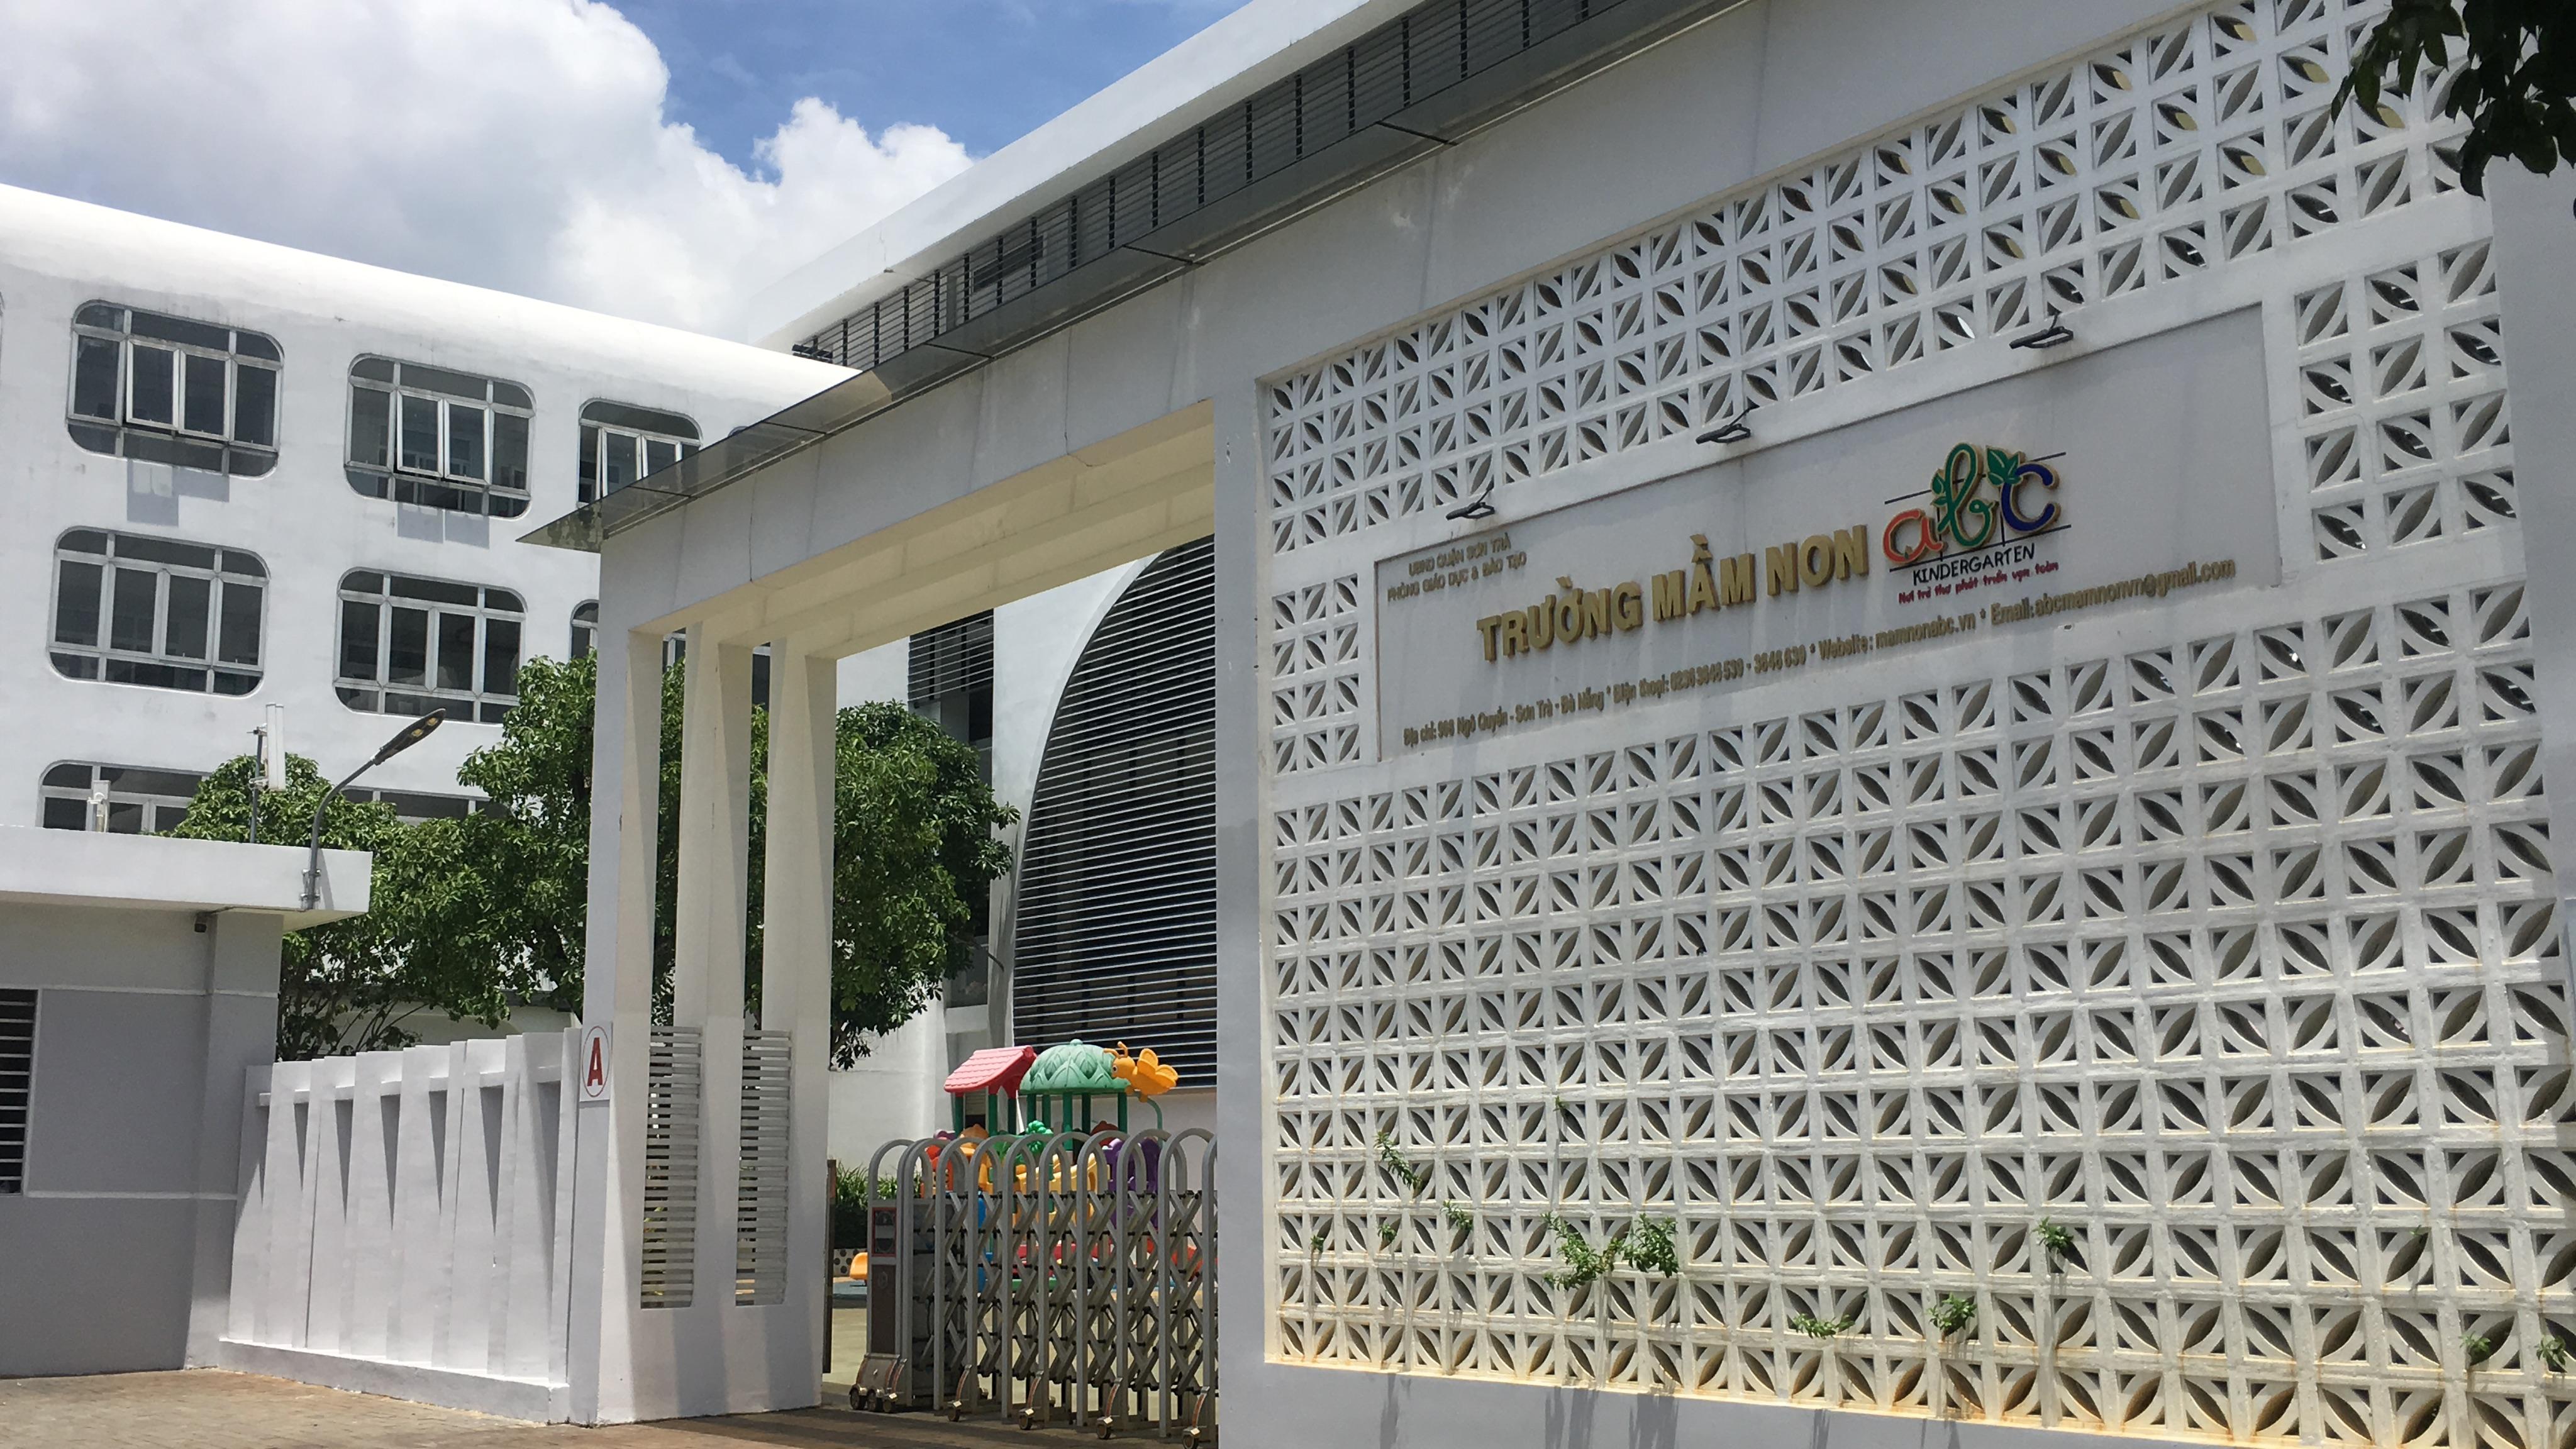 Cận cảnh khu đất vàng và sân vận động Chi Lăng mà Đà Nẵng khó thi hành án vụ án Vũ 'nhôm', Phạm Công Danh - Ảnh 6.